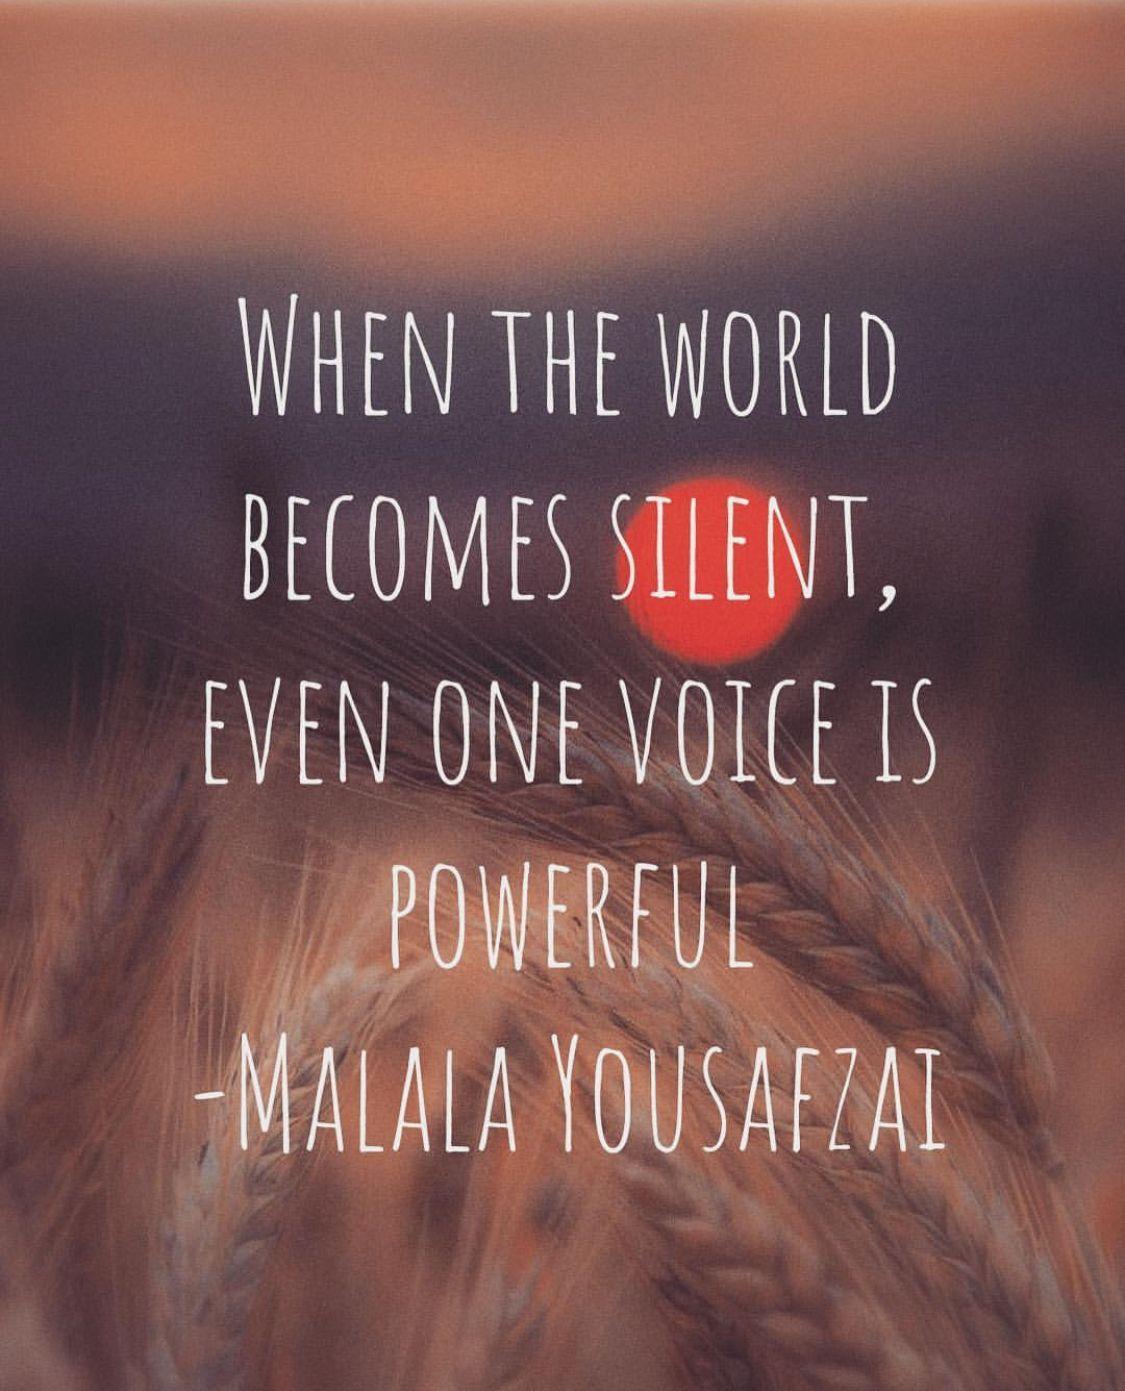 malala yousafzai quotes💫